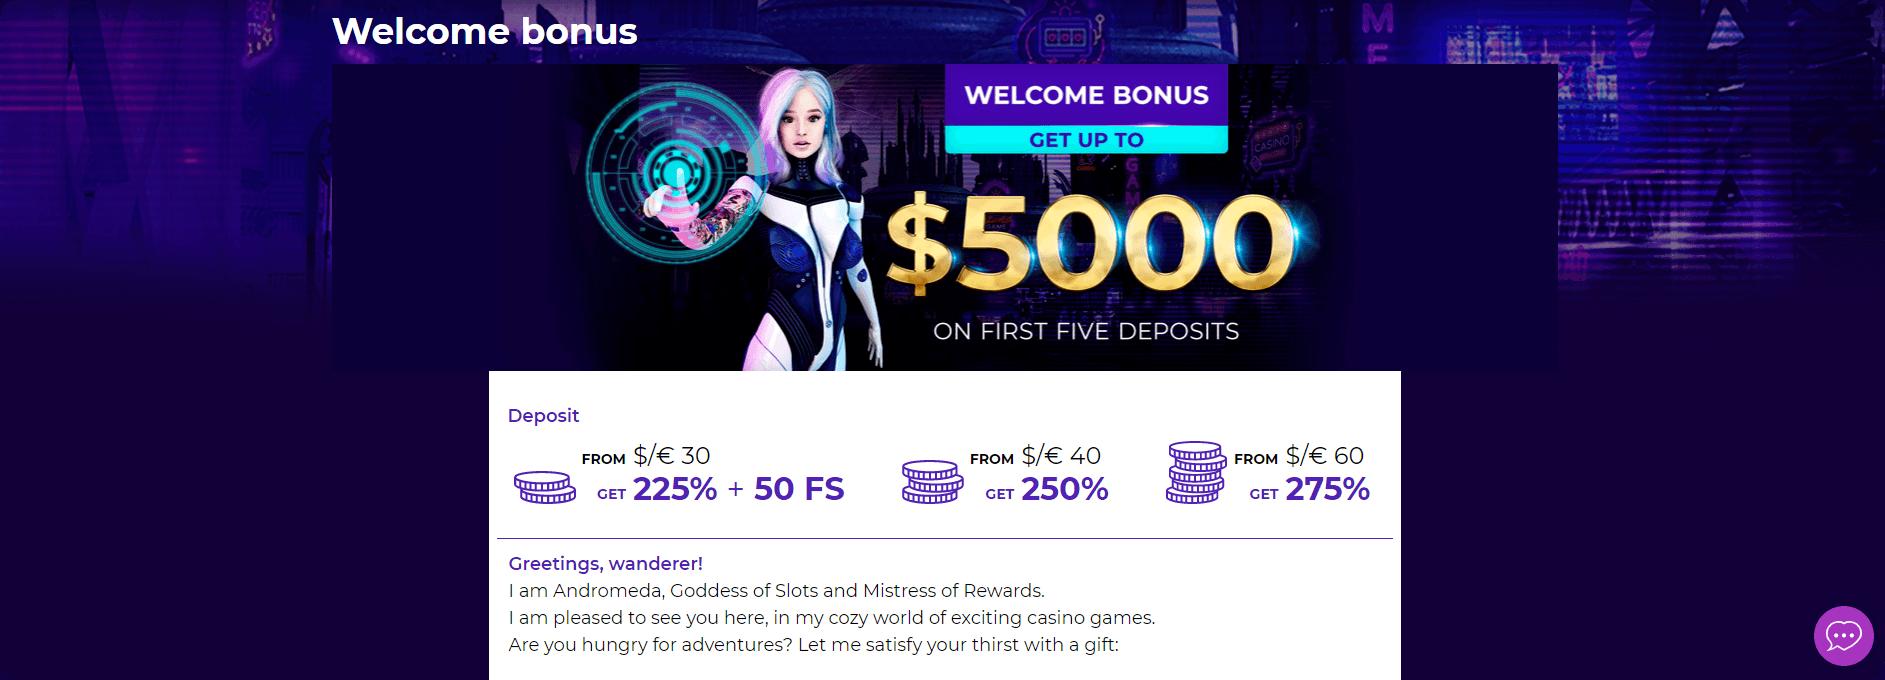 andromeda welcome bonus package